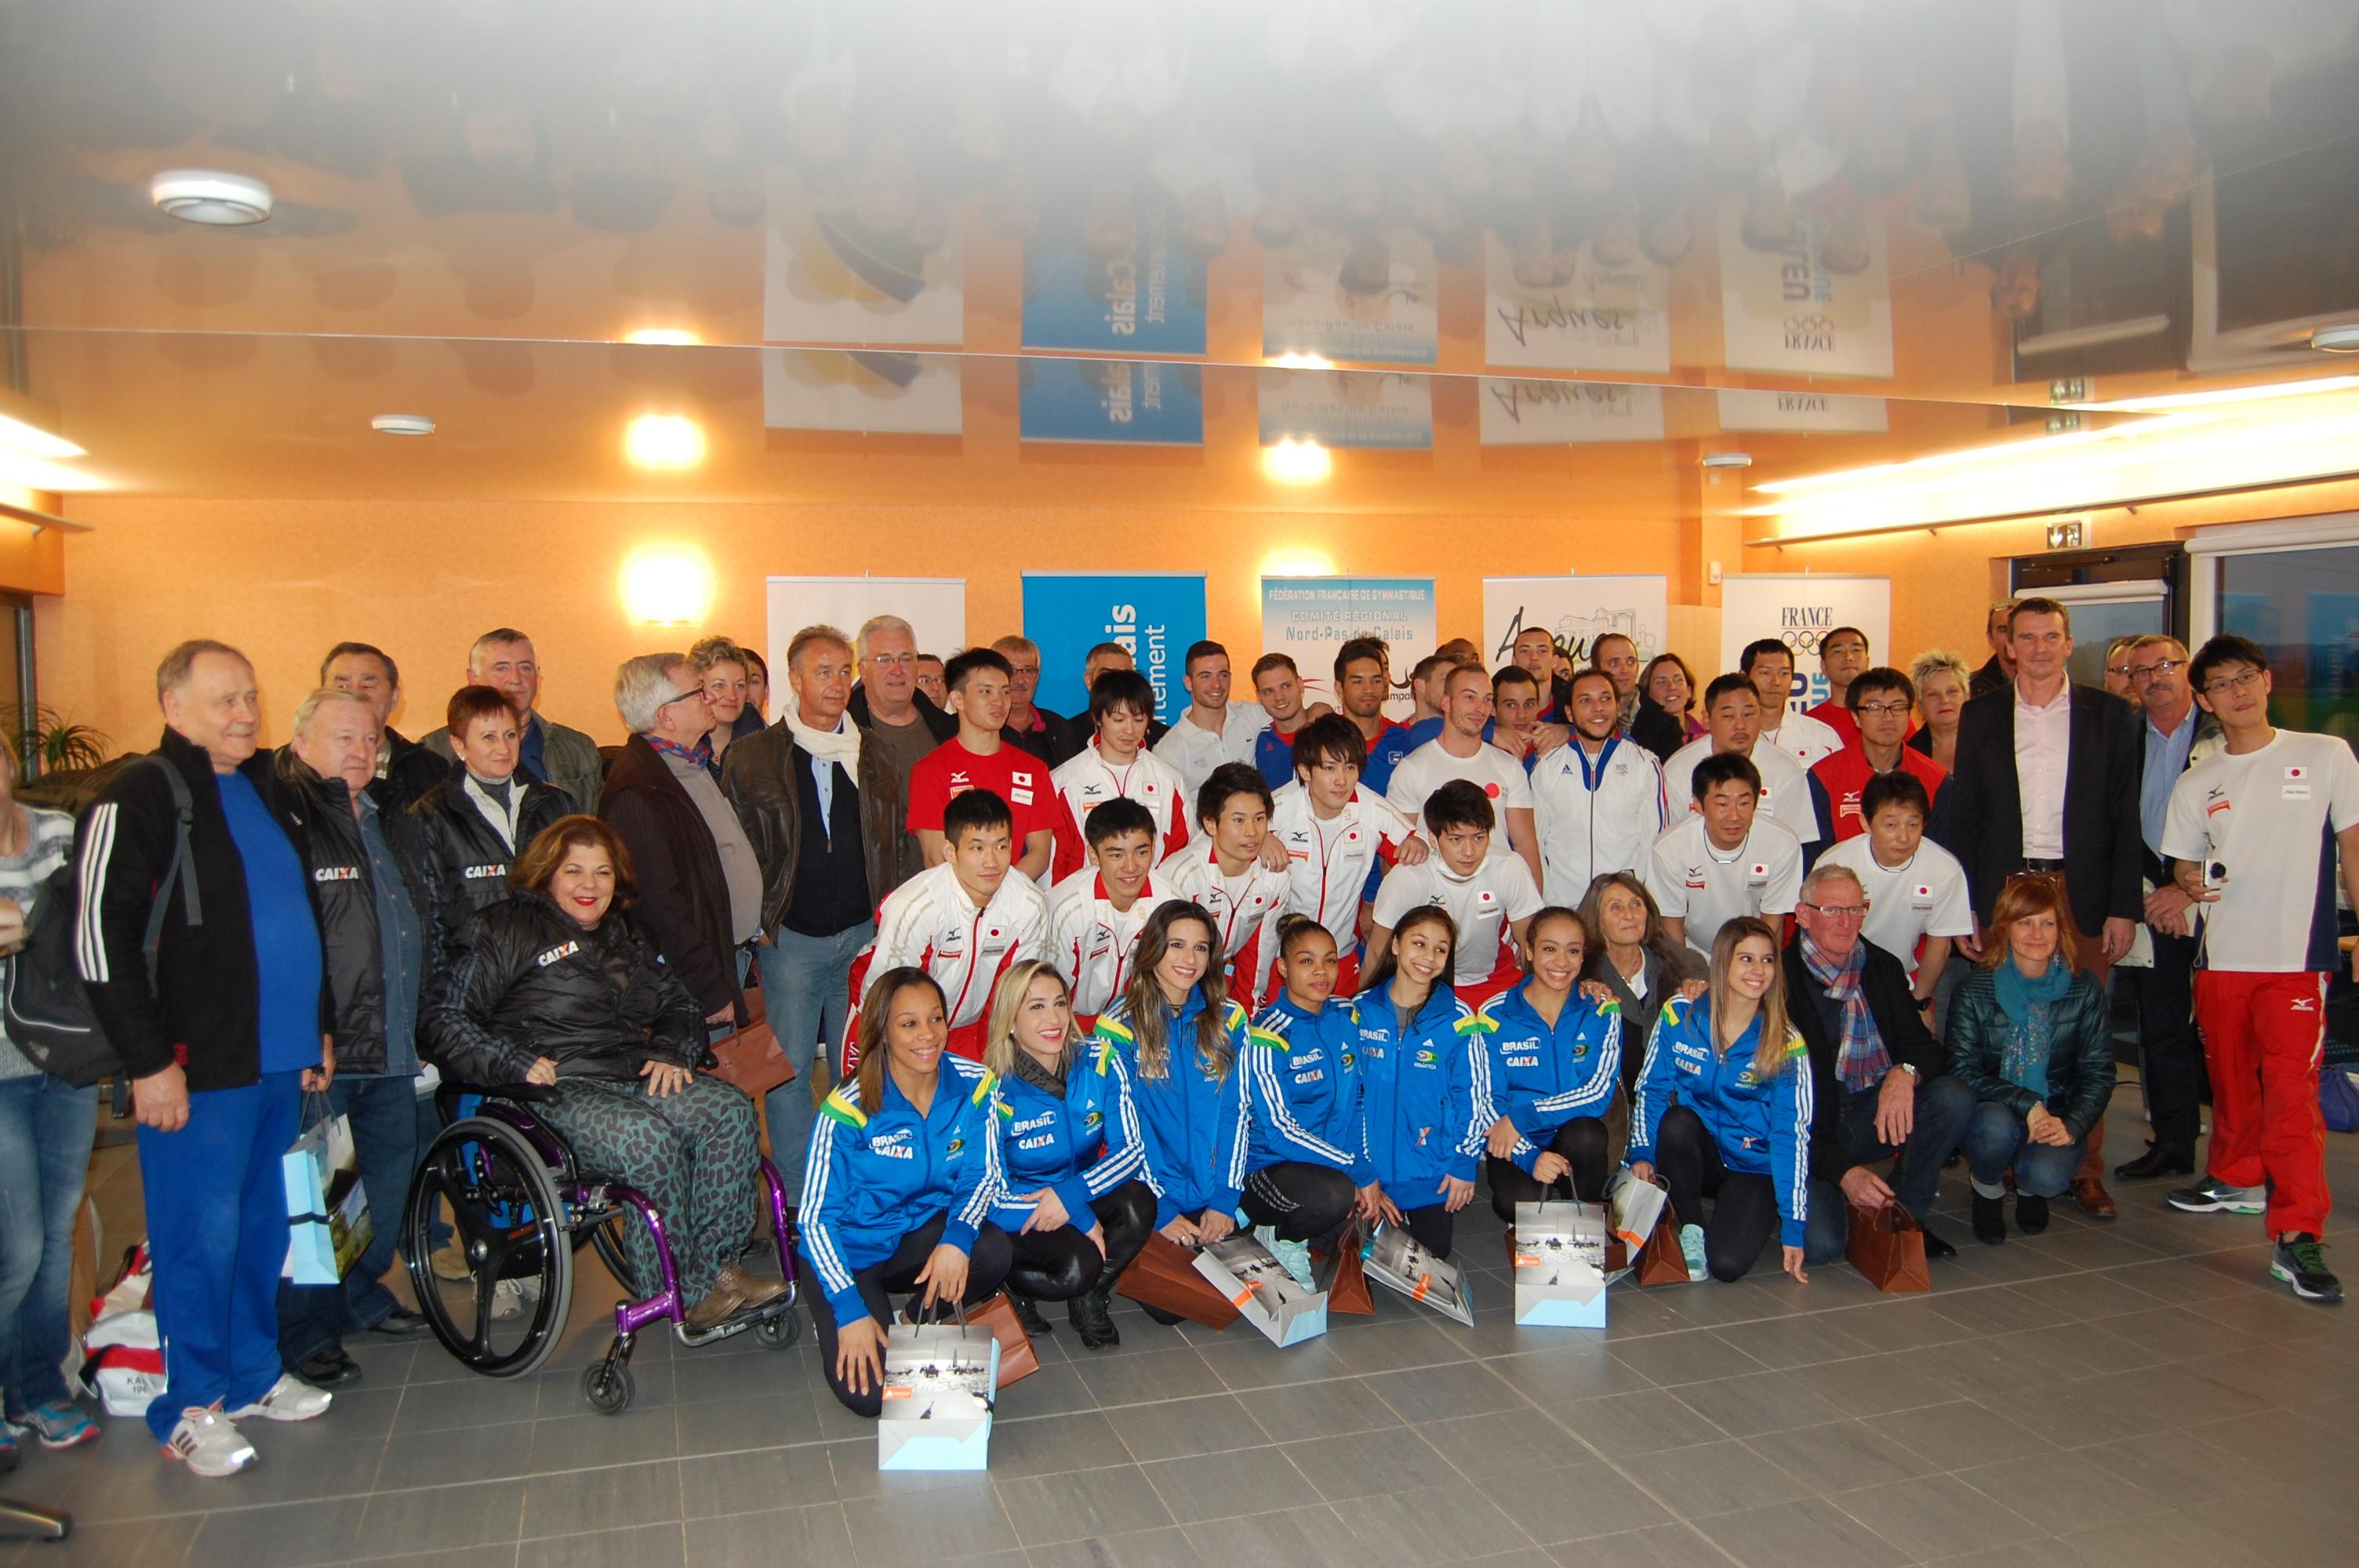 Réception des équipes nationales féminines du Brésil, masculines du Japon et de la France